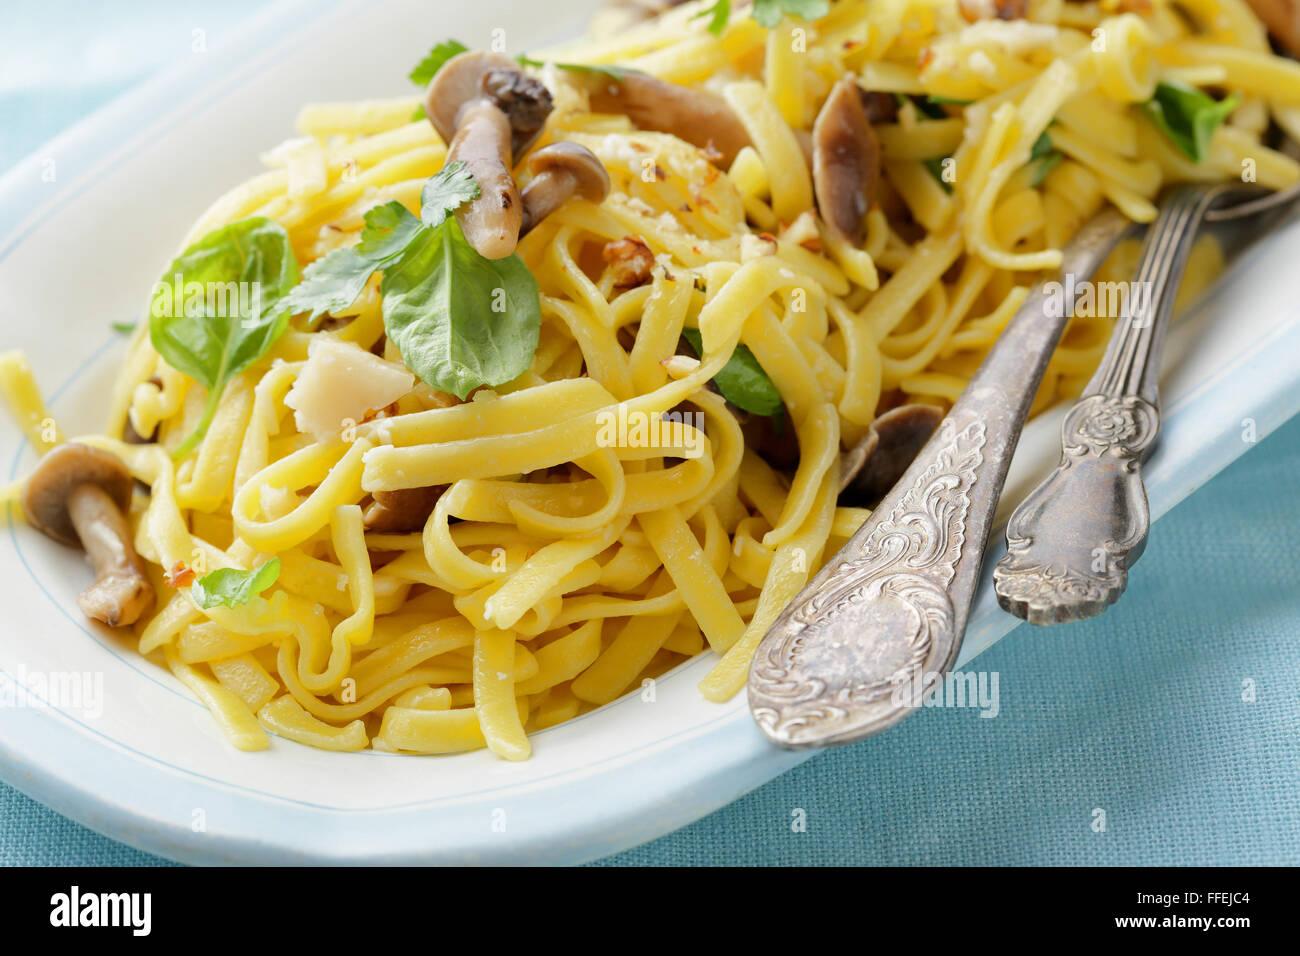 Pasta alimentare, primo piano Immagini Stock